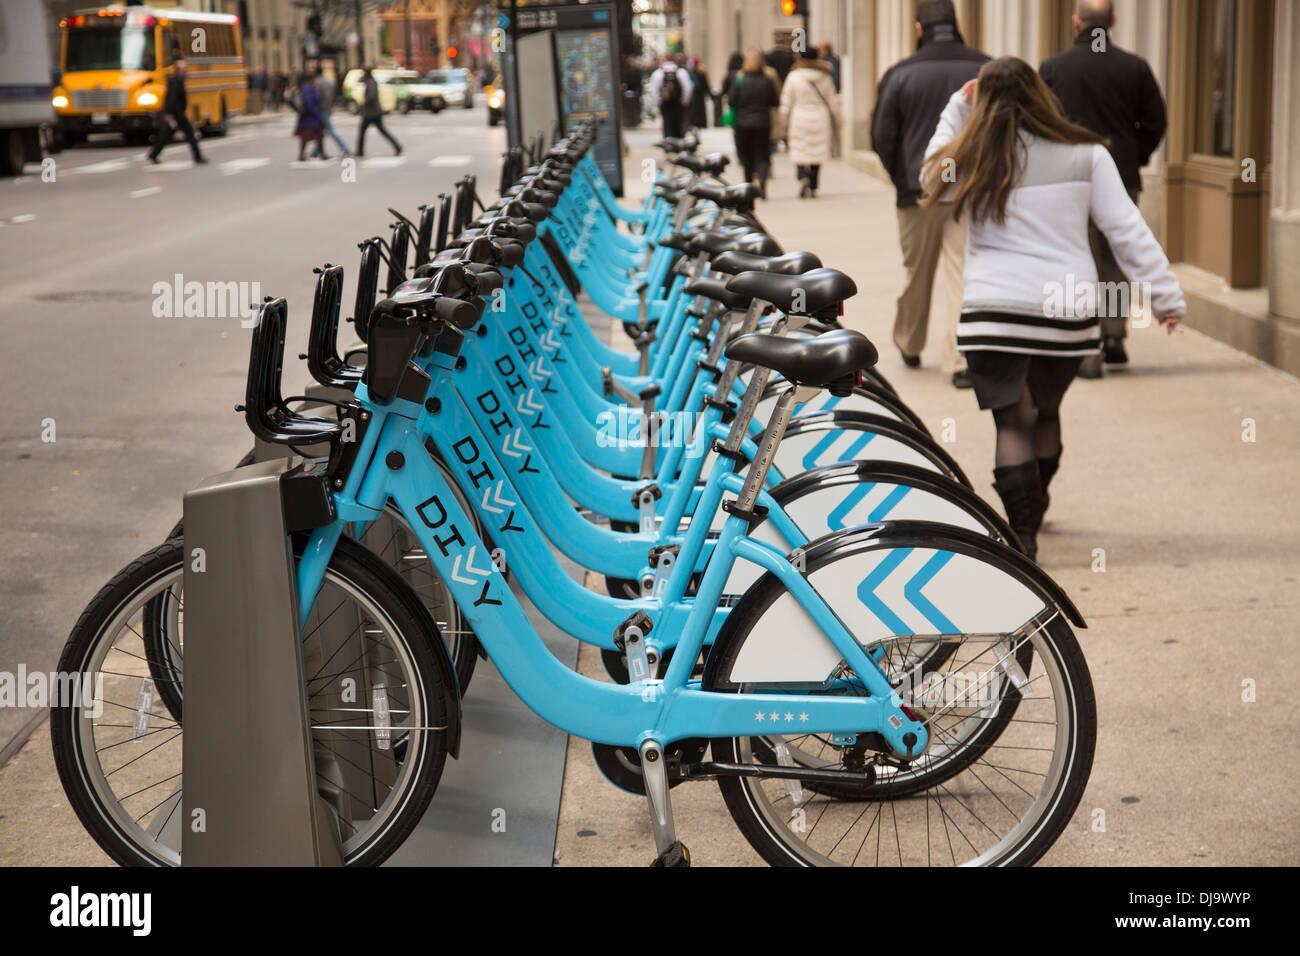 Chicago, Illinois - un vélo d''partage dans le quartier financier de Chicago. Photo Stock